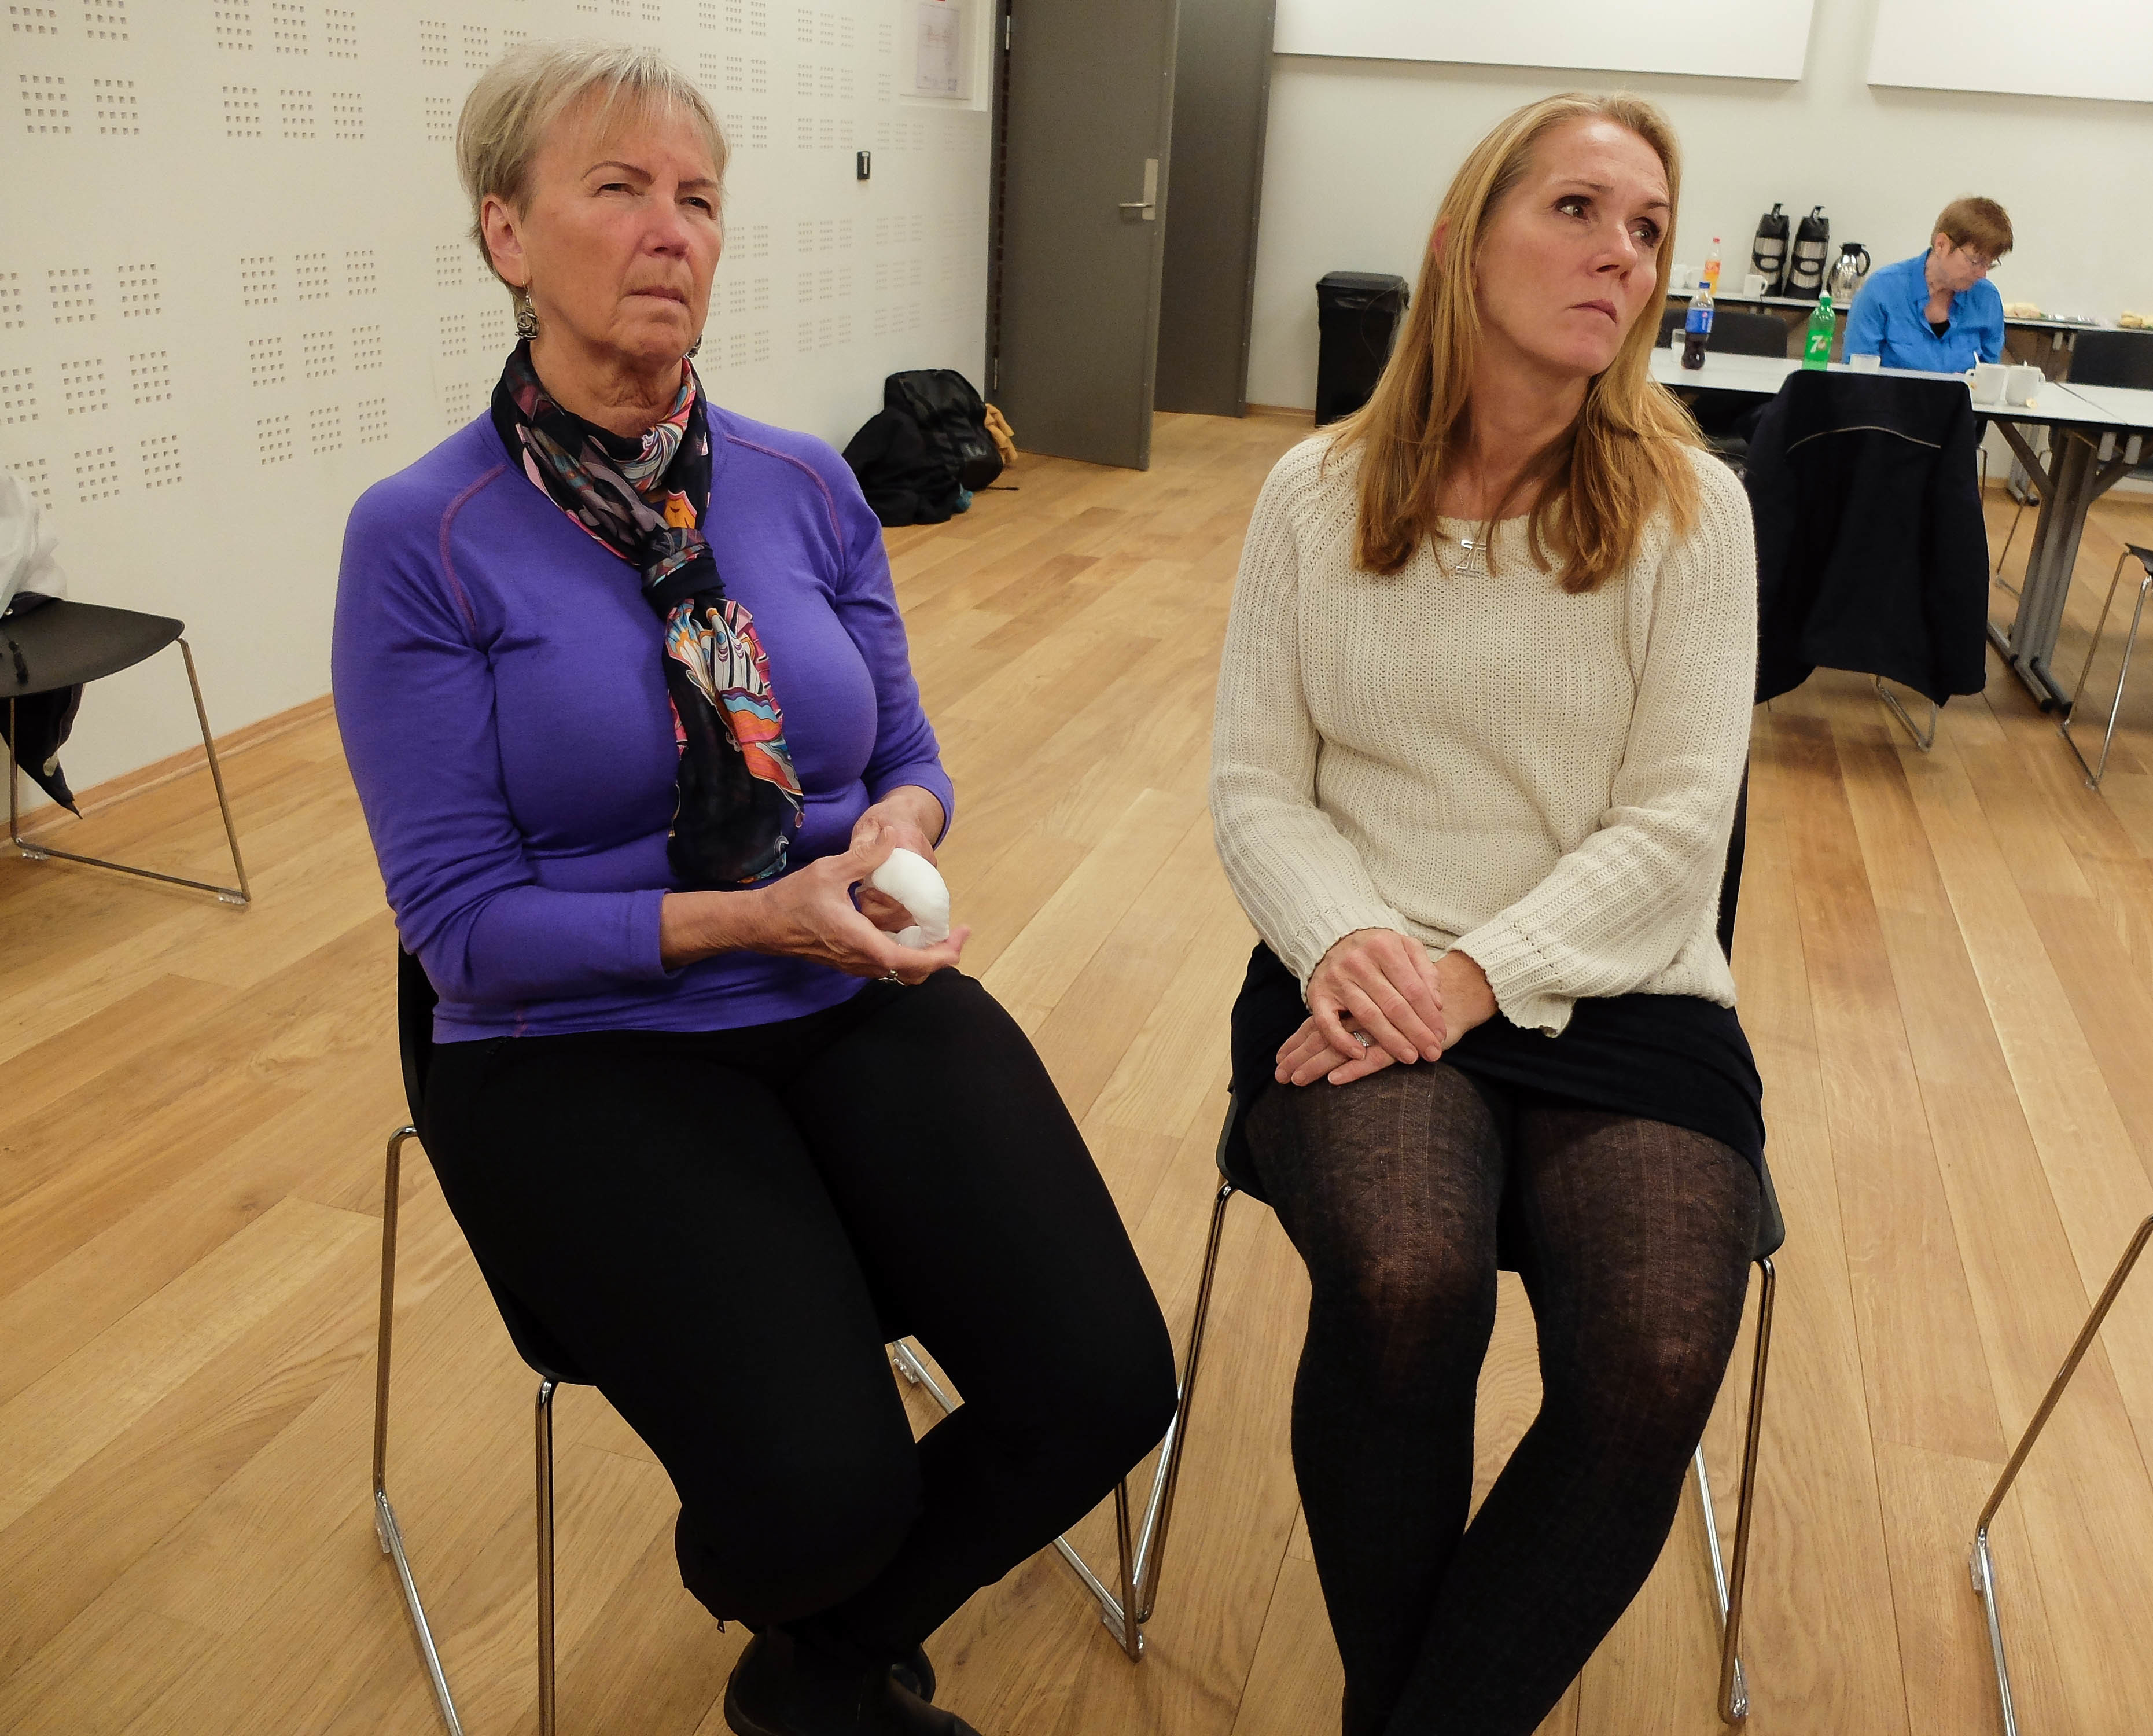 To kvinner sitter og hører forelesning om førstehjelp. Hun til venstre er døvblind og har lagd seg en smultringbandasje på venstre hånd. Hun til høyre er tolk.